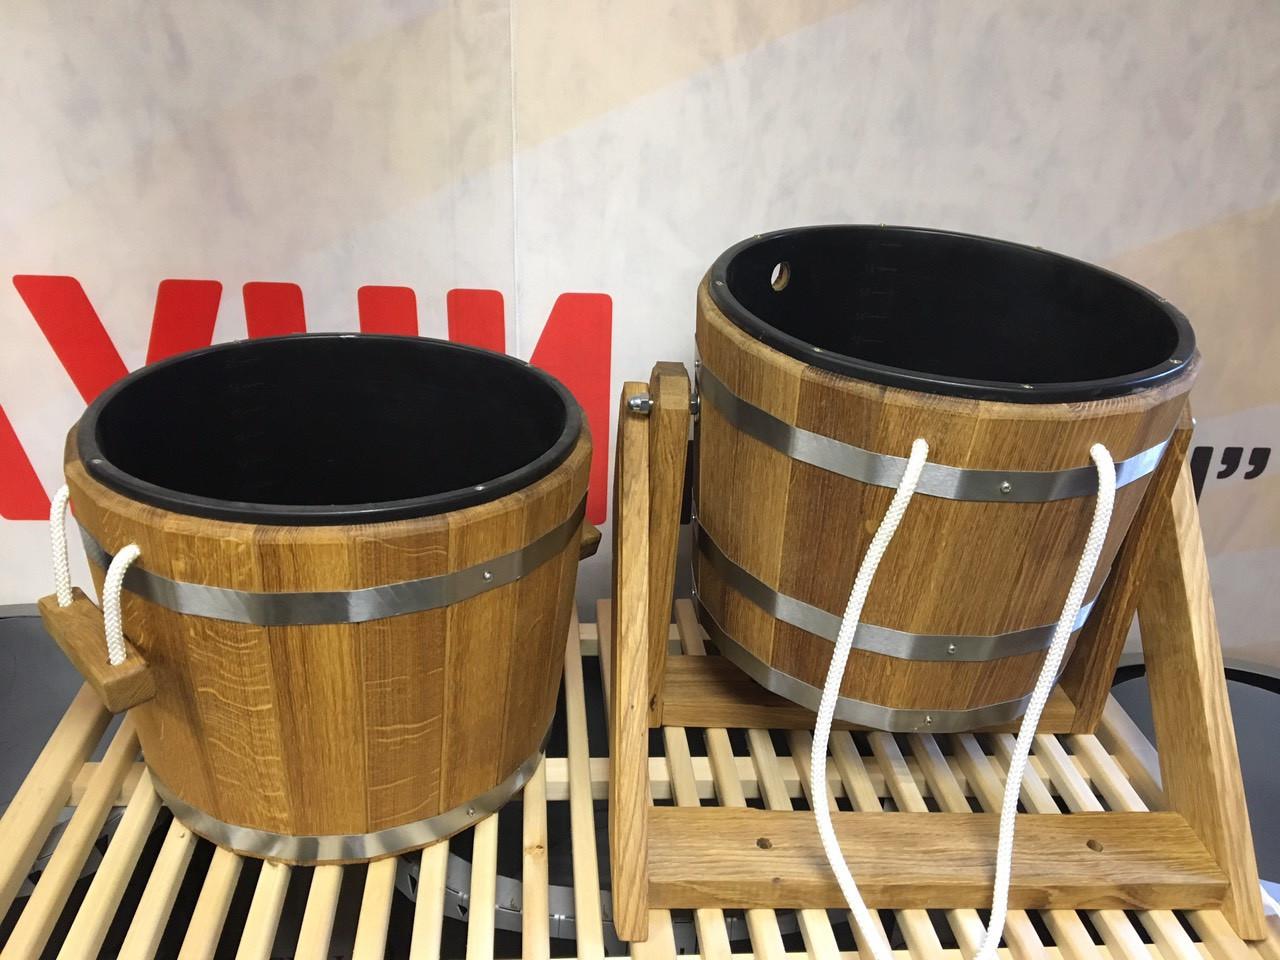 Банный набор (ведро-водопад 20 л и  запарник 20 л) для сауны, бани